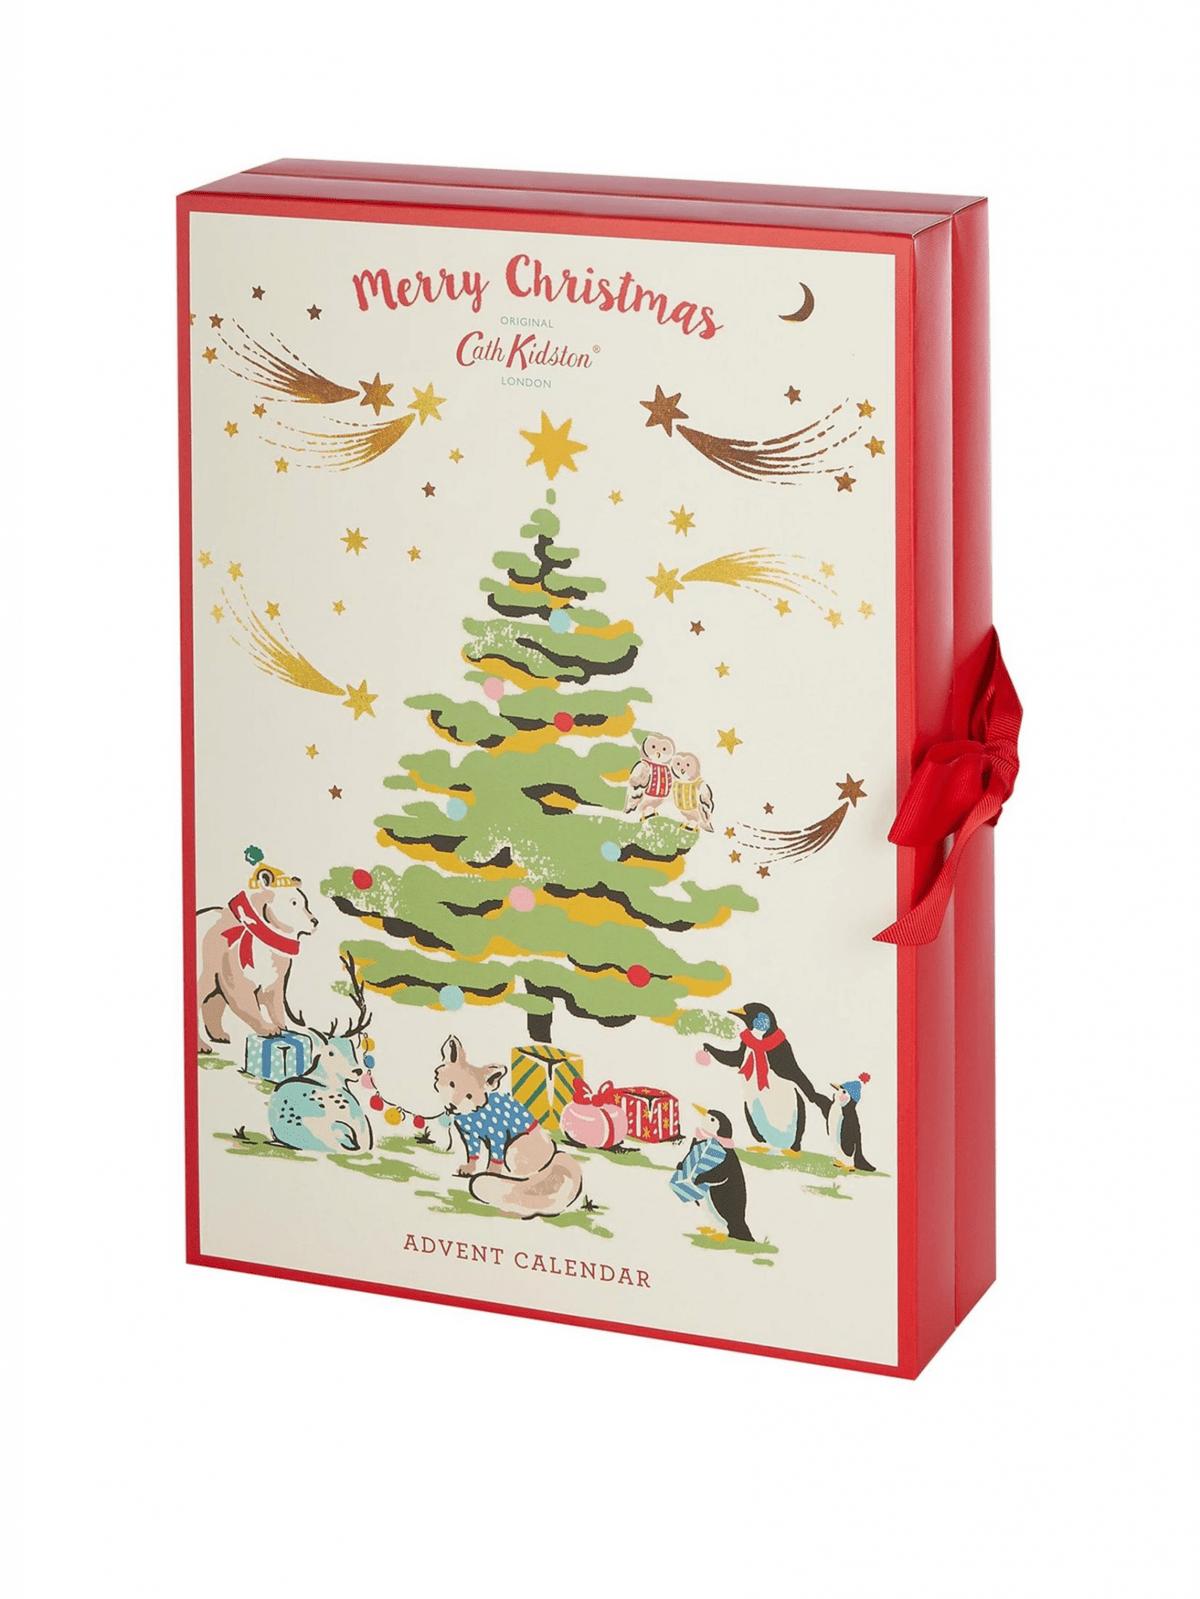 Cath Kidston Christmas Beauty Advent Calendar  – On Sale Now